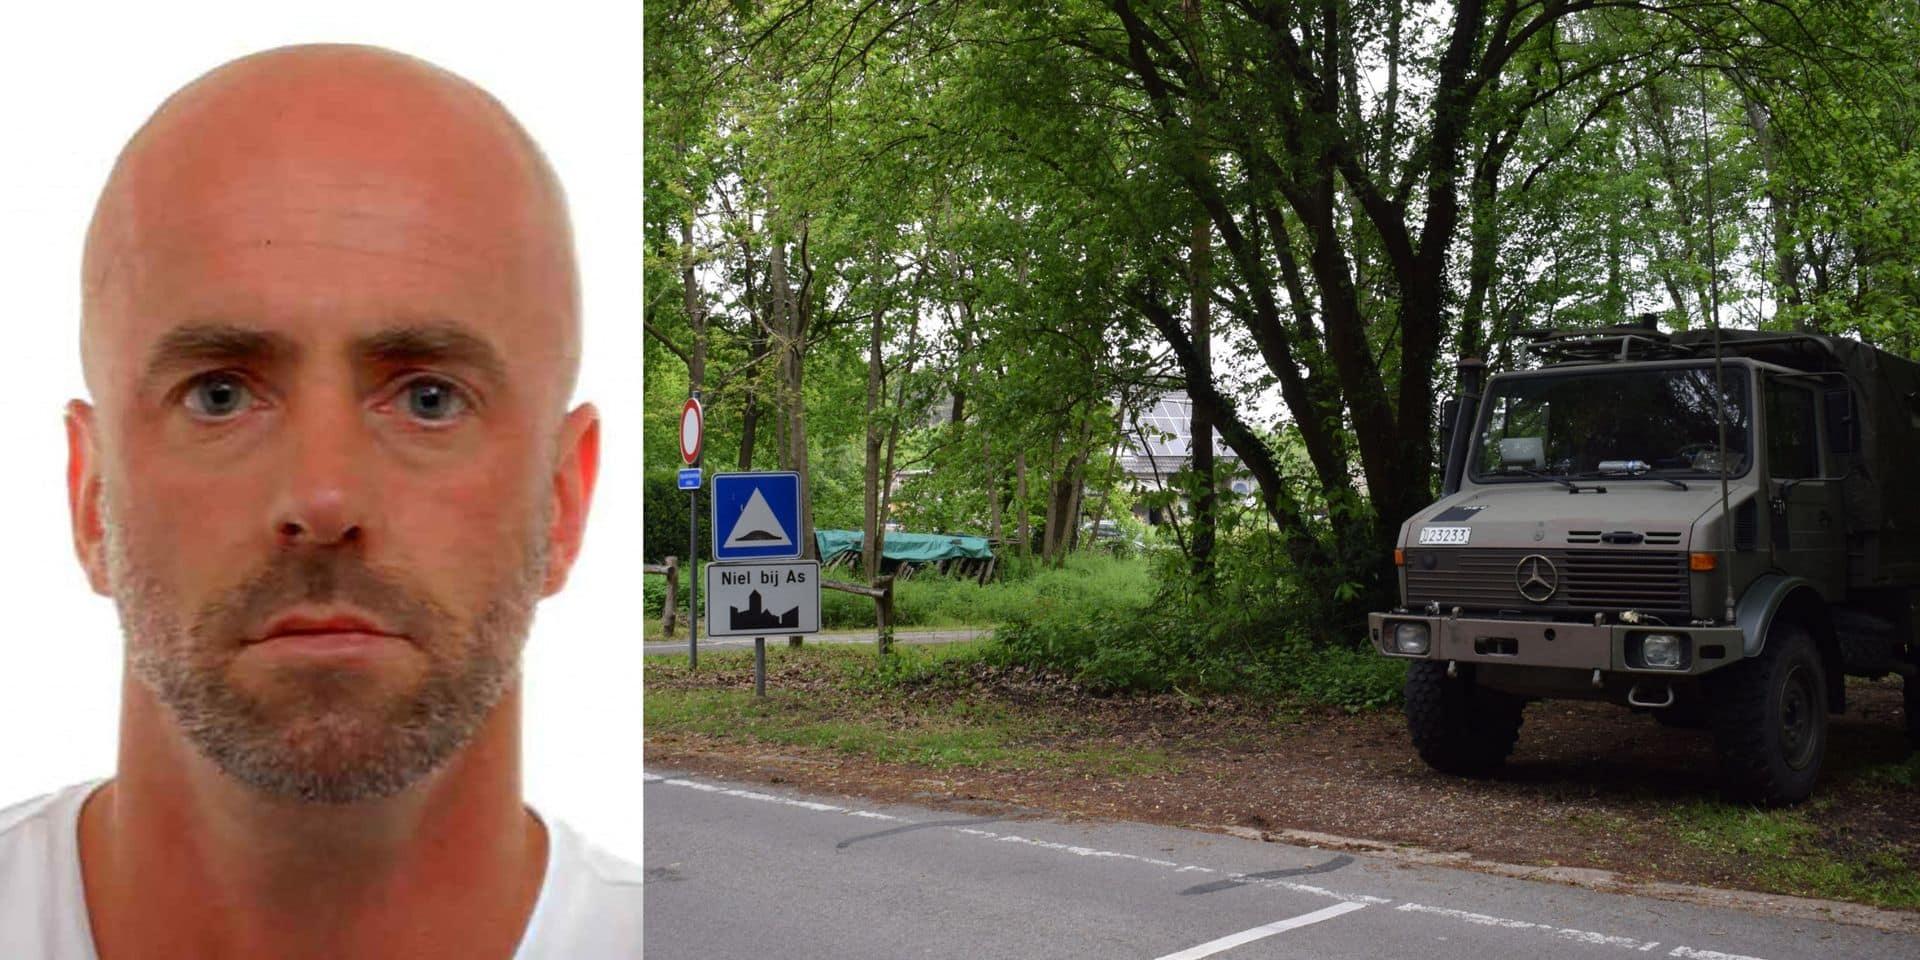 Le corps de Jürgen Conings retrouvé dans le bois de Dilser: tout ce que l'on sait